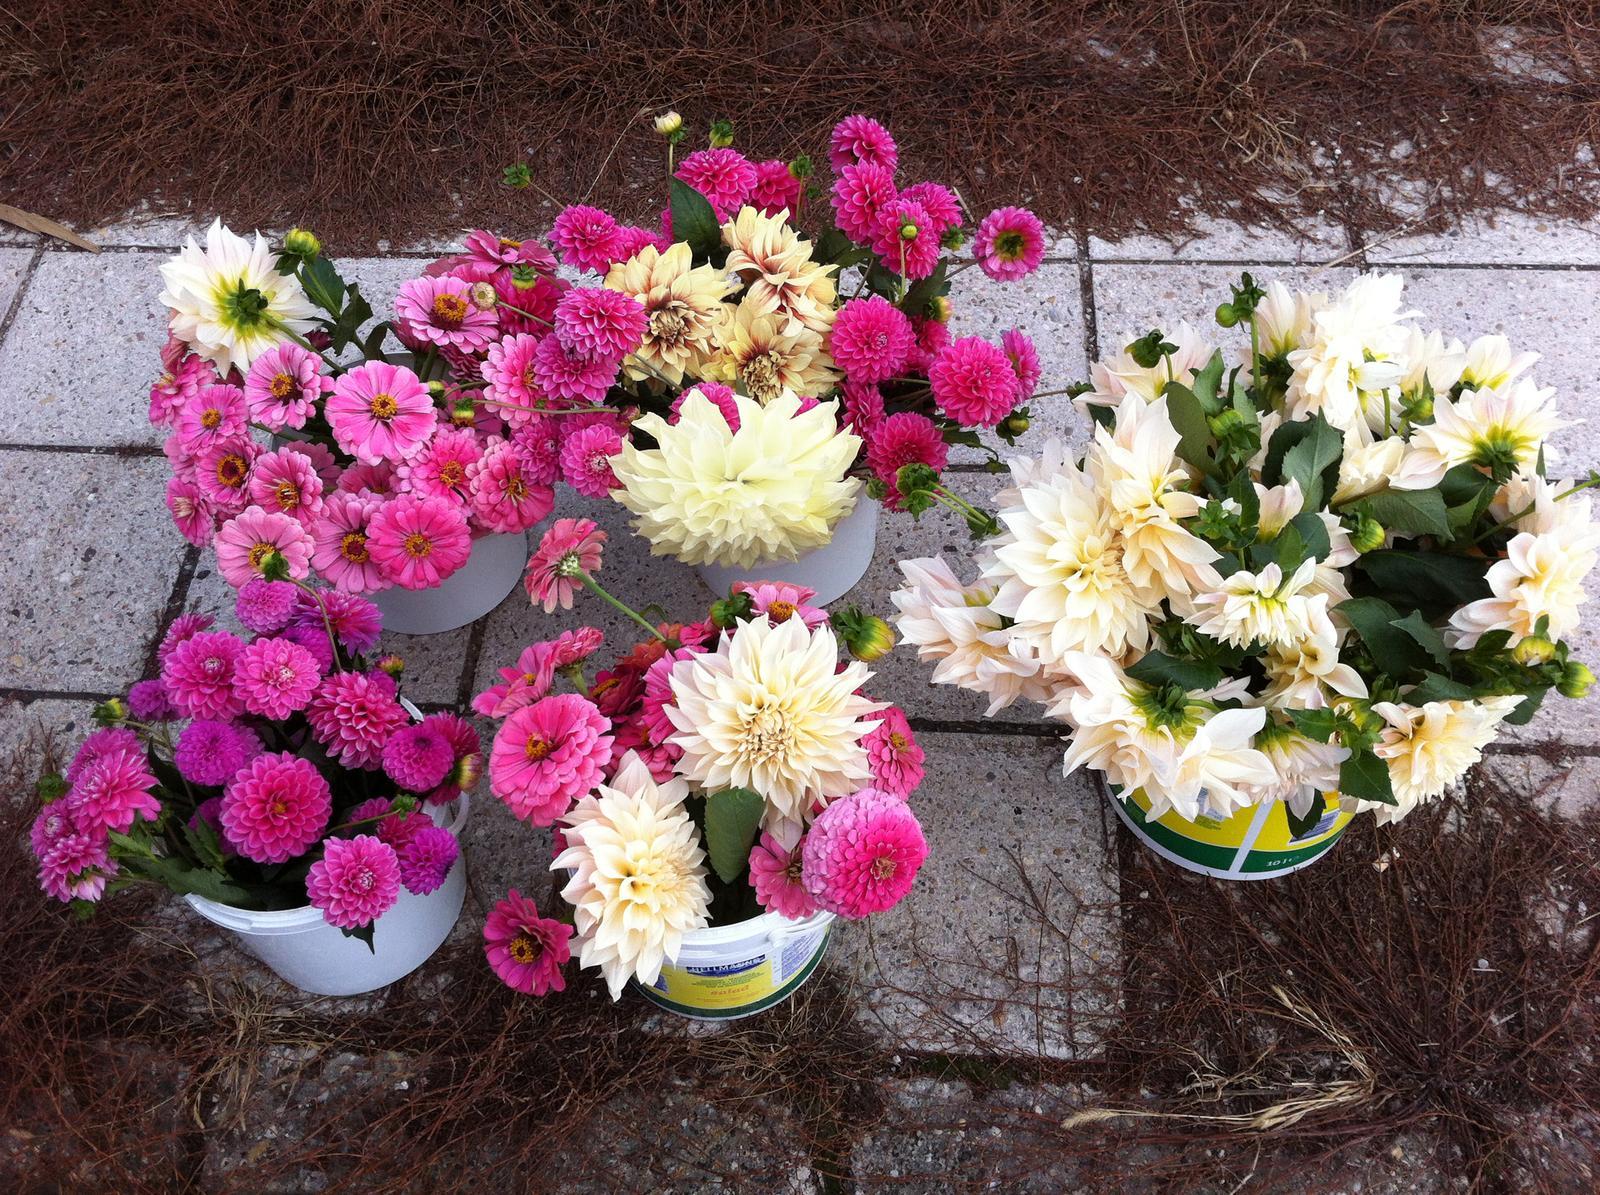 Vo víre kvetov... - Do mojej svadby mám ešte čas, tak táto nádielka kvetov ozdobí svadičku nevestičke @marisha1982 , ktorá má svadbičku tento piatok  :-) Ďakujem za tvoj záujem, dúfam, že kvietky vydržia